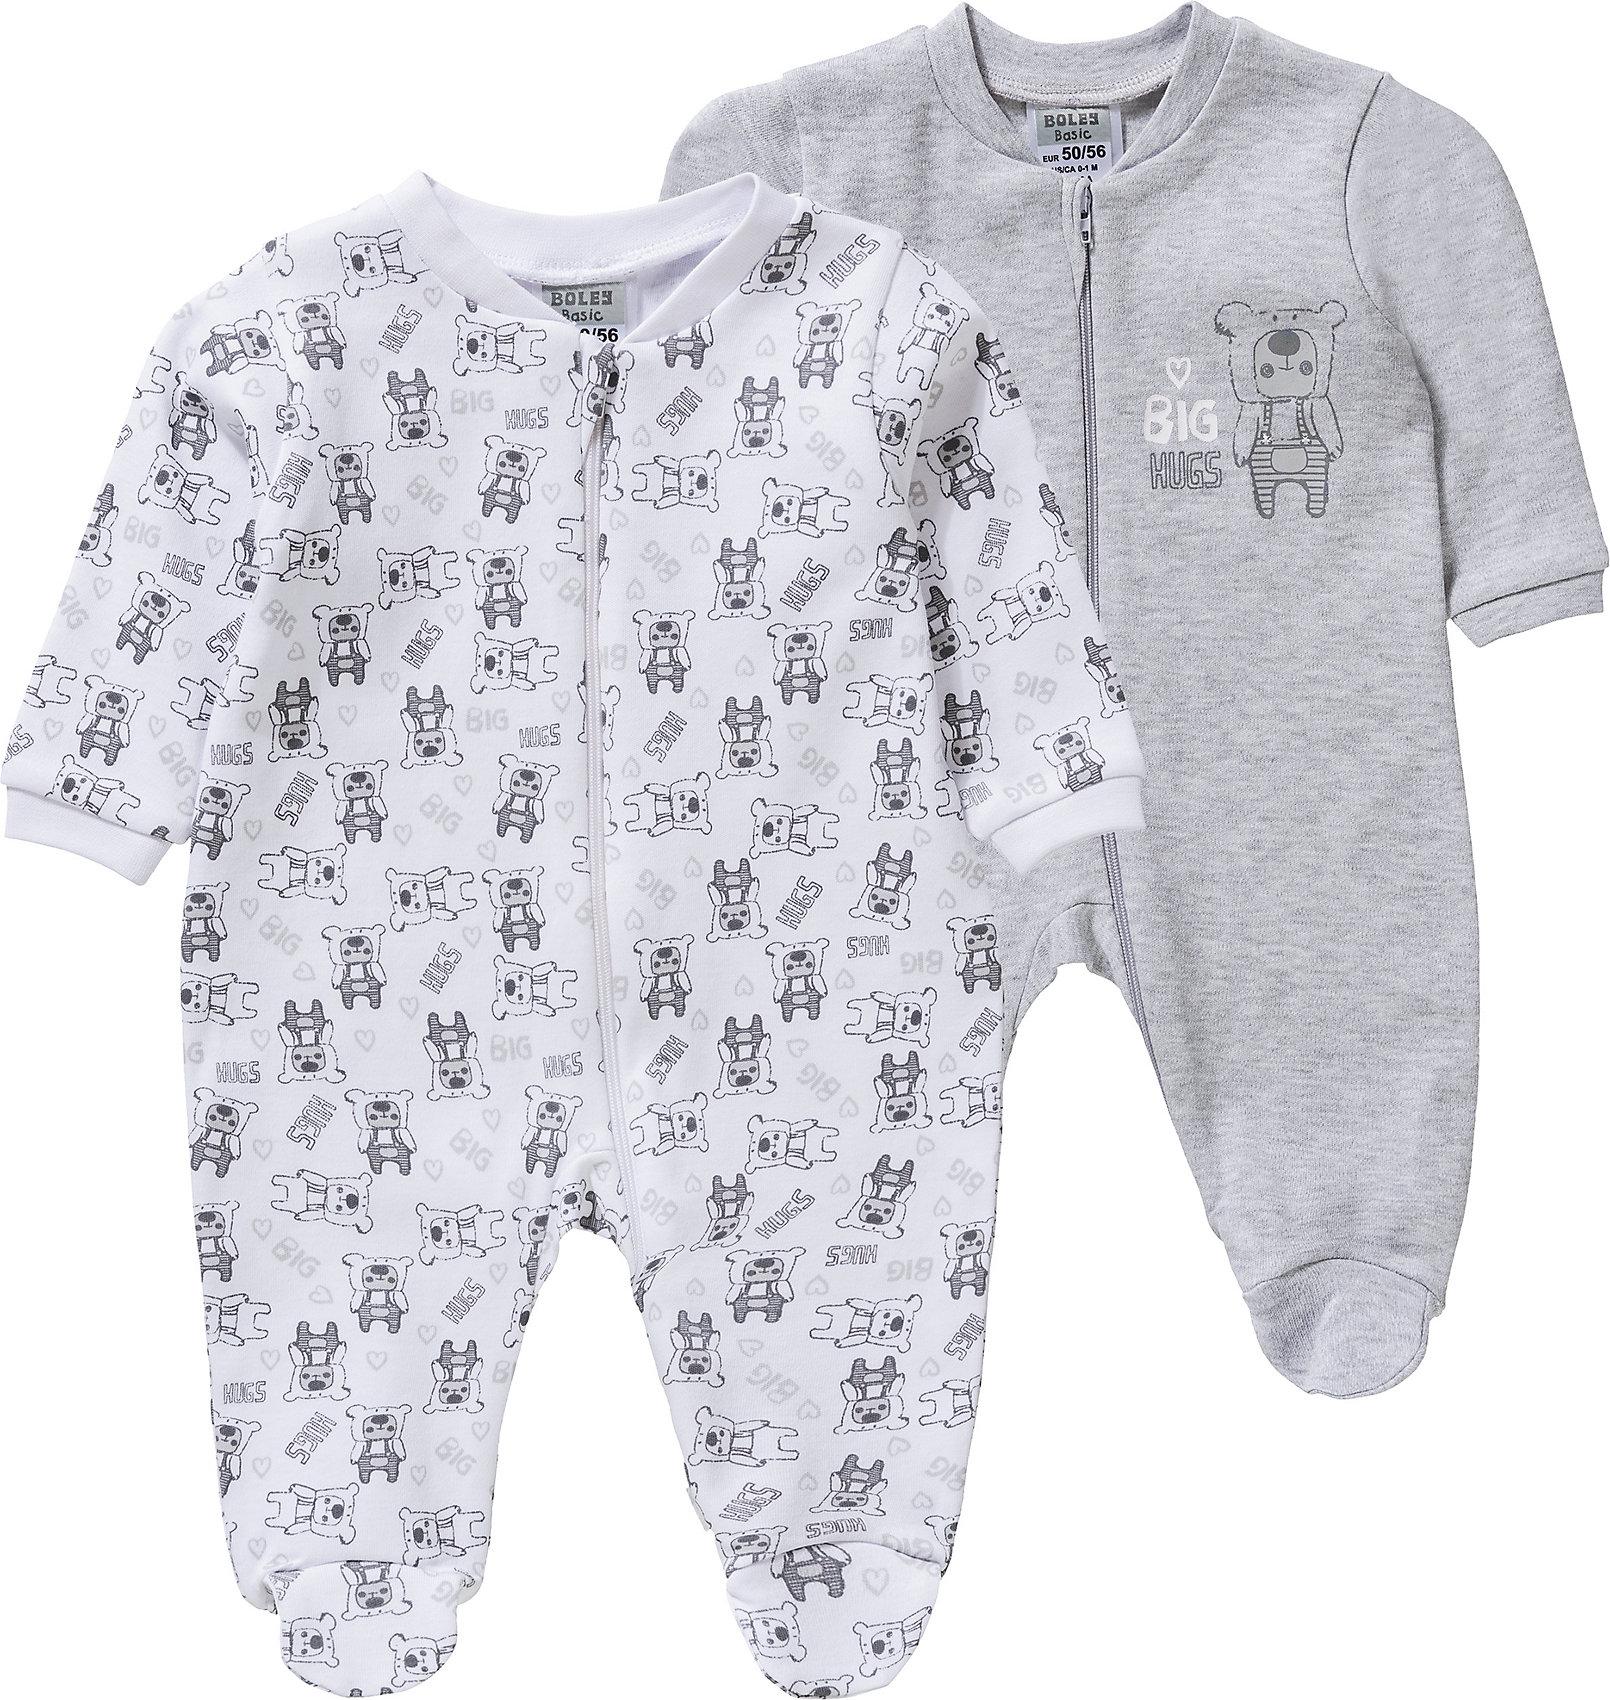 Neu Boley Baby Doppelpack Schlafanzüge 10518839 für Jungen und Mädchen